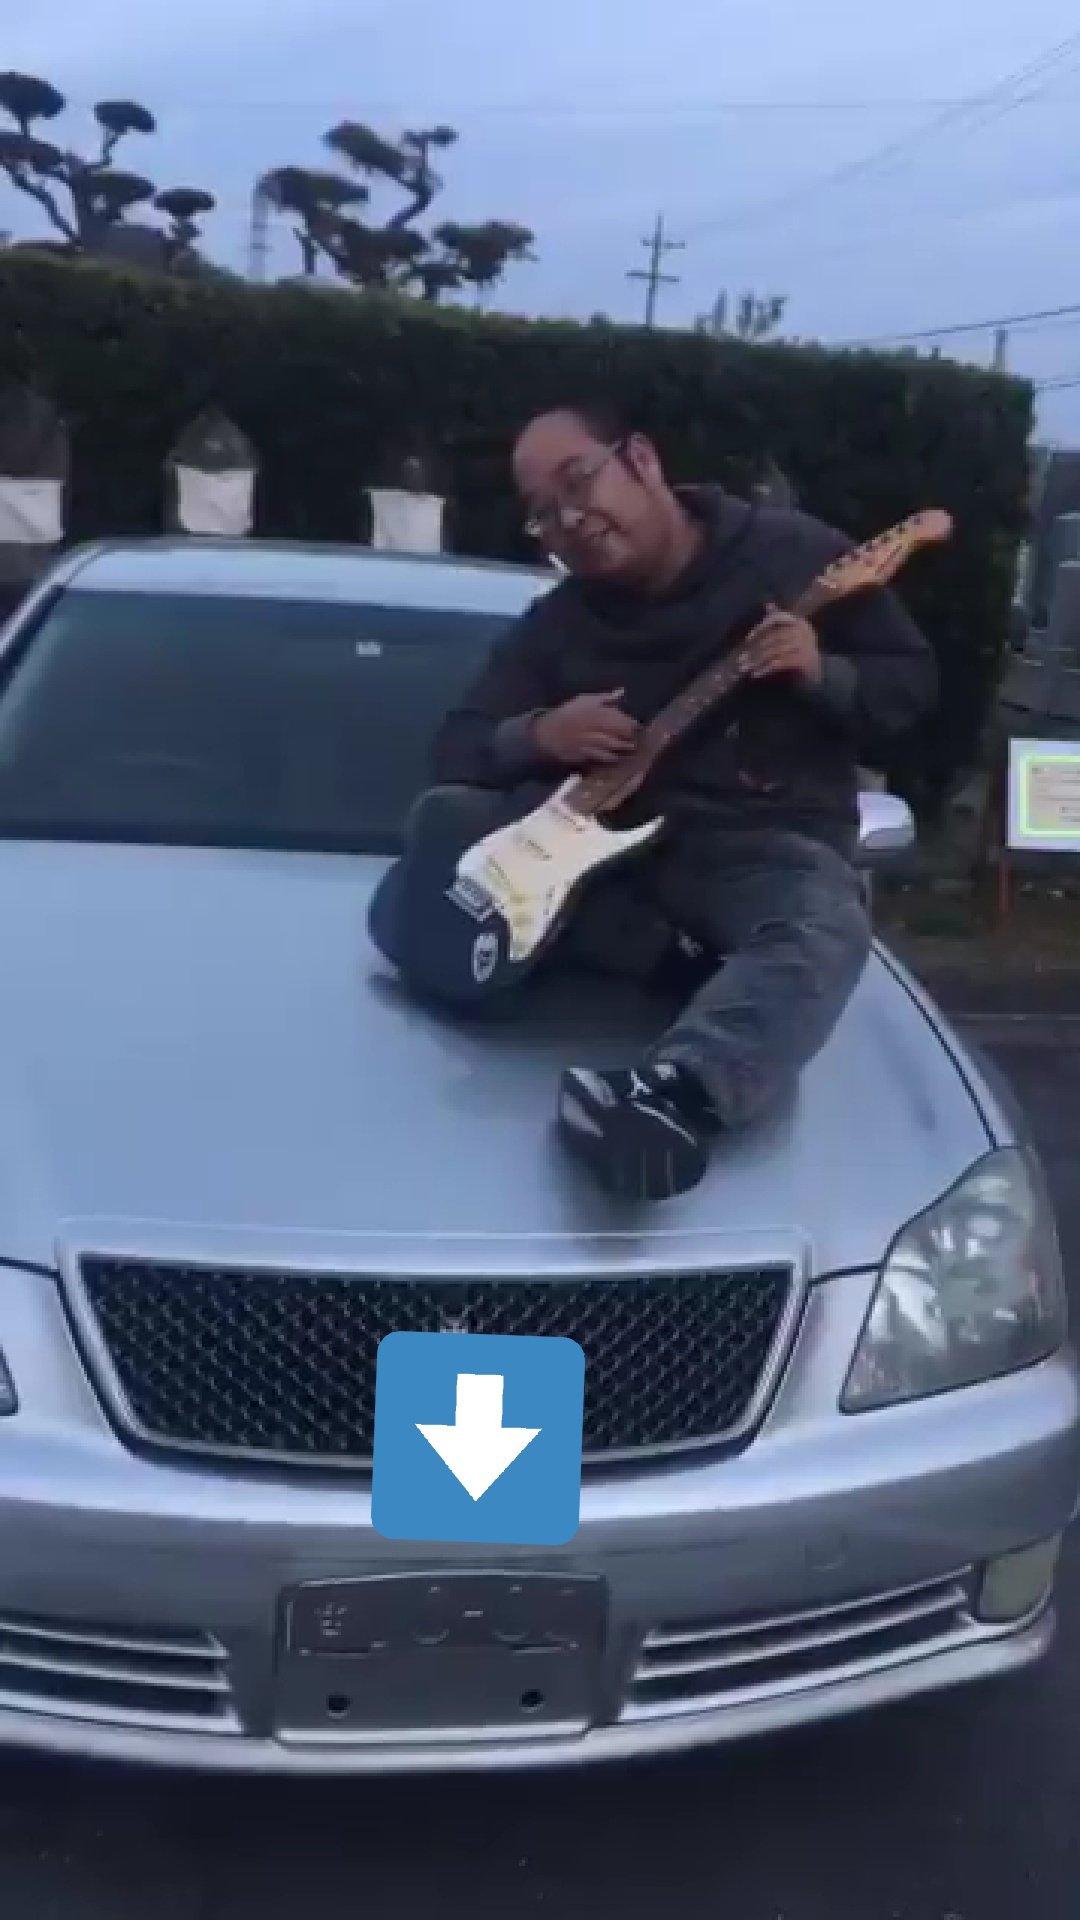 パチンコで負けた腹いせにギターで他人の車を壊す名古屋のつよしと名乗る男の動画が炎上!